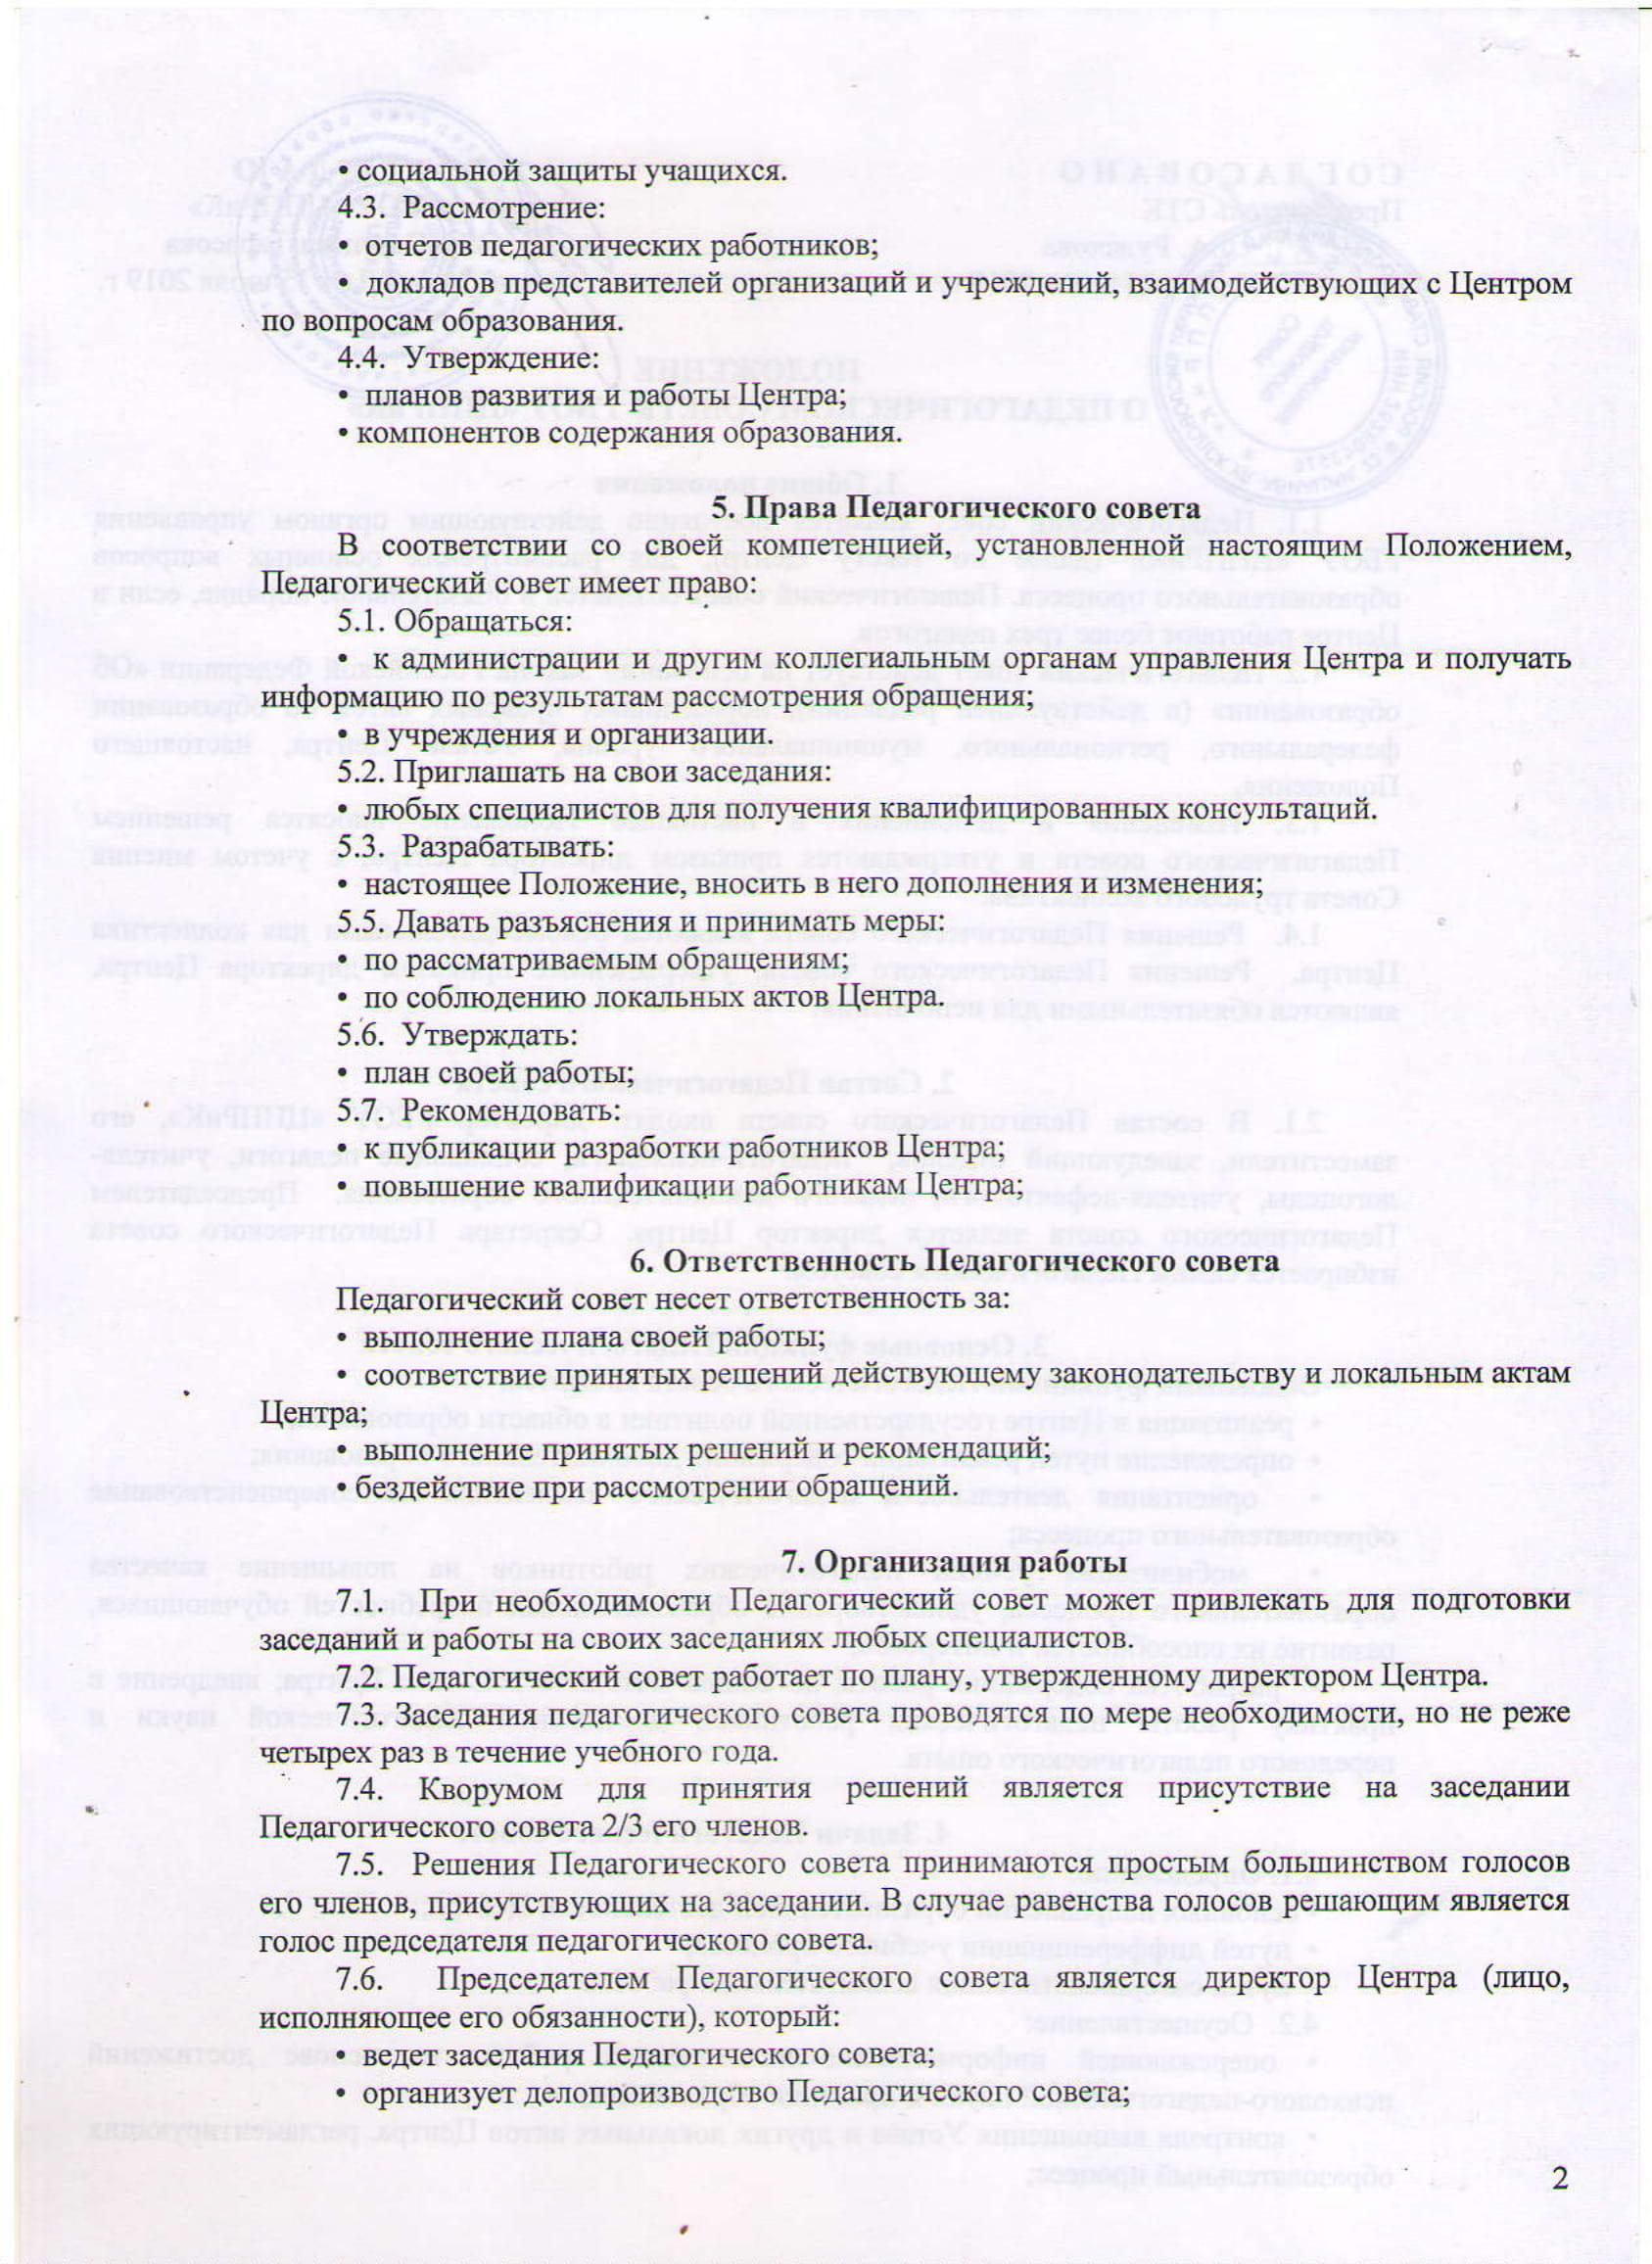 Положение о педагогическом совете-2